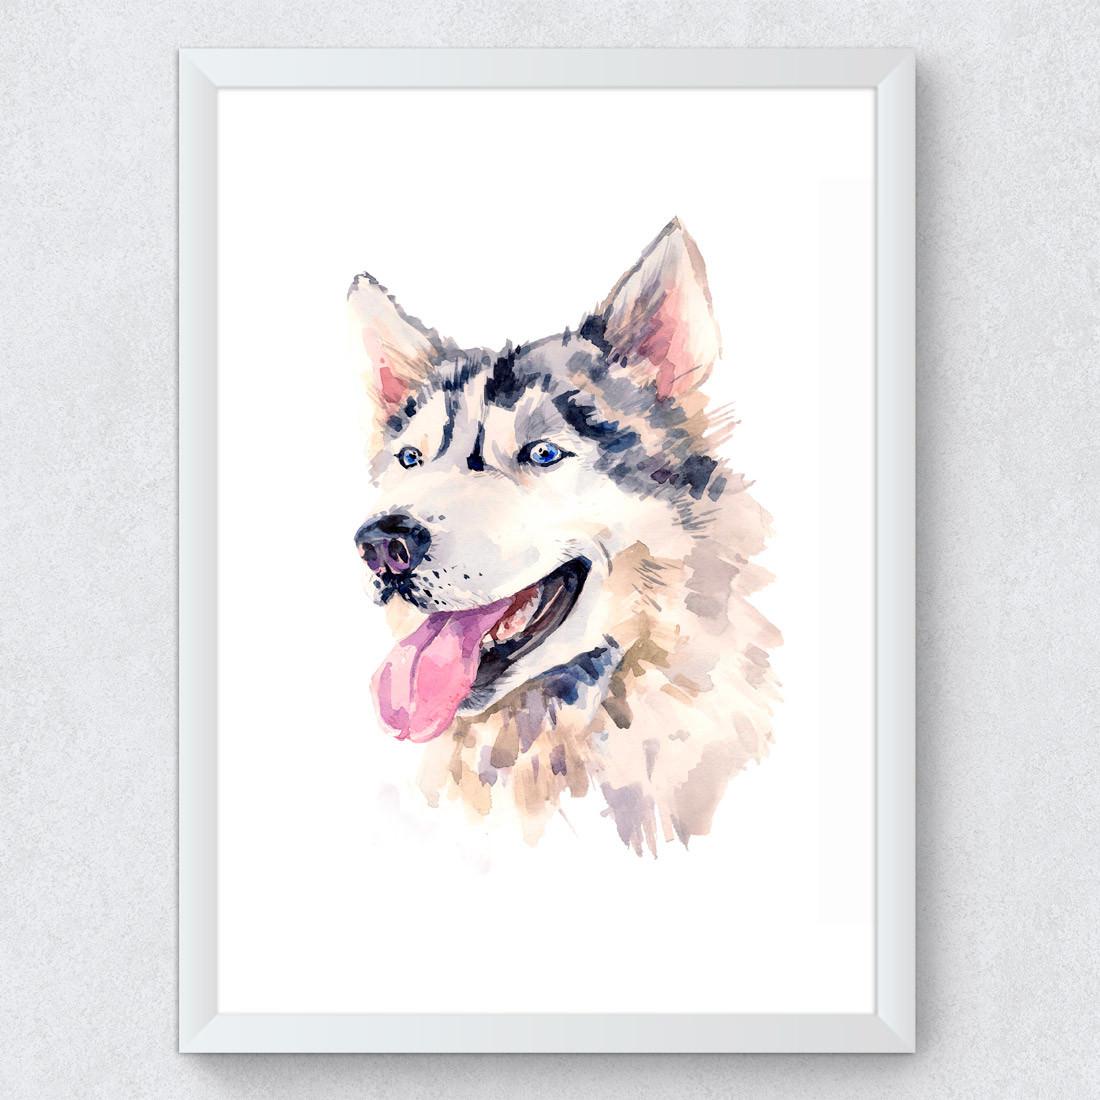 Quadro Decorativo Husky Siberiano Aquarela cachorro